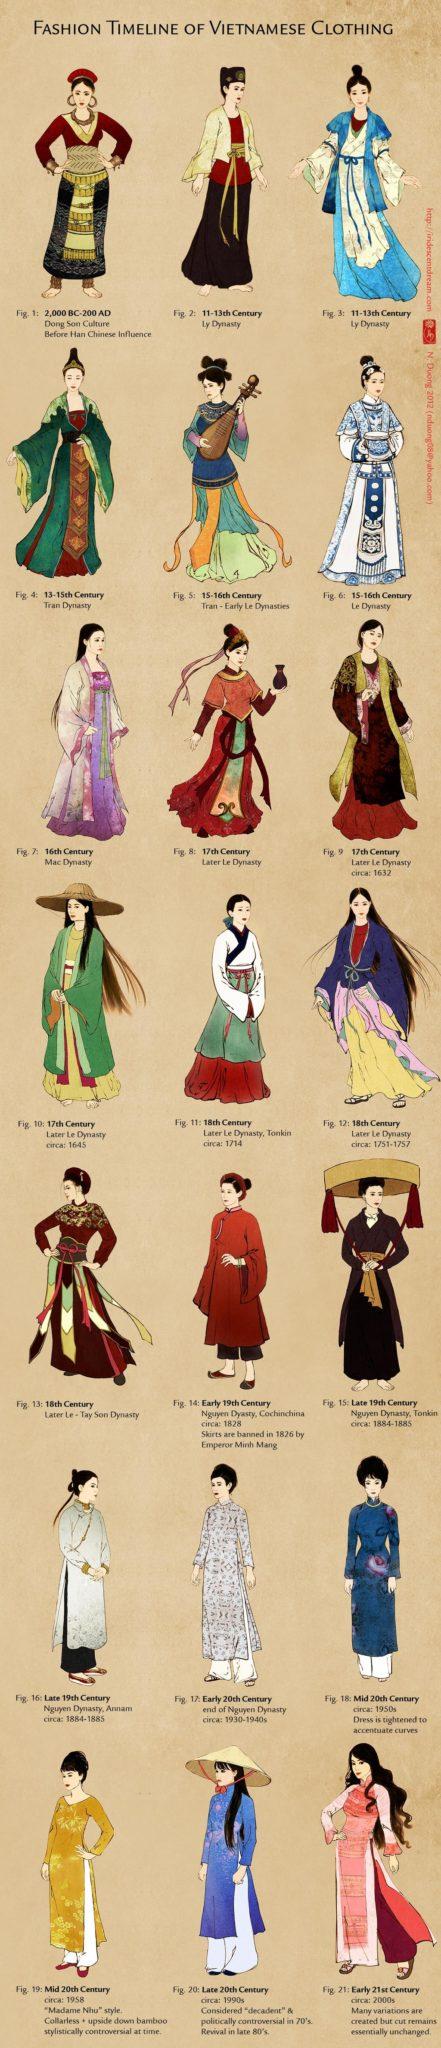 Fashion Timeline Of Japanese Clothing